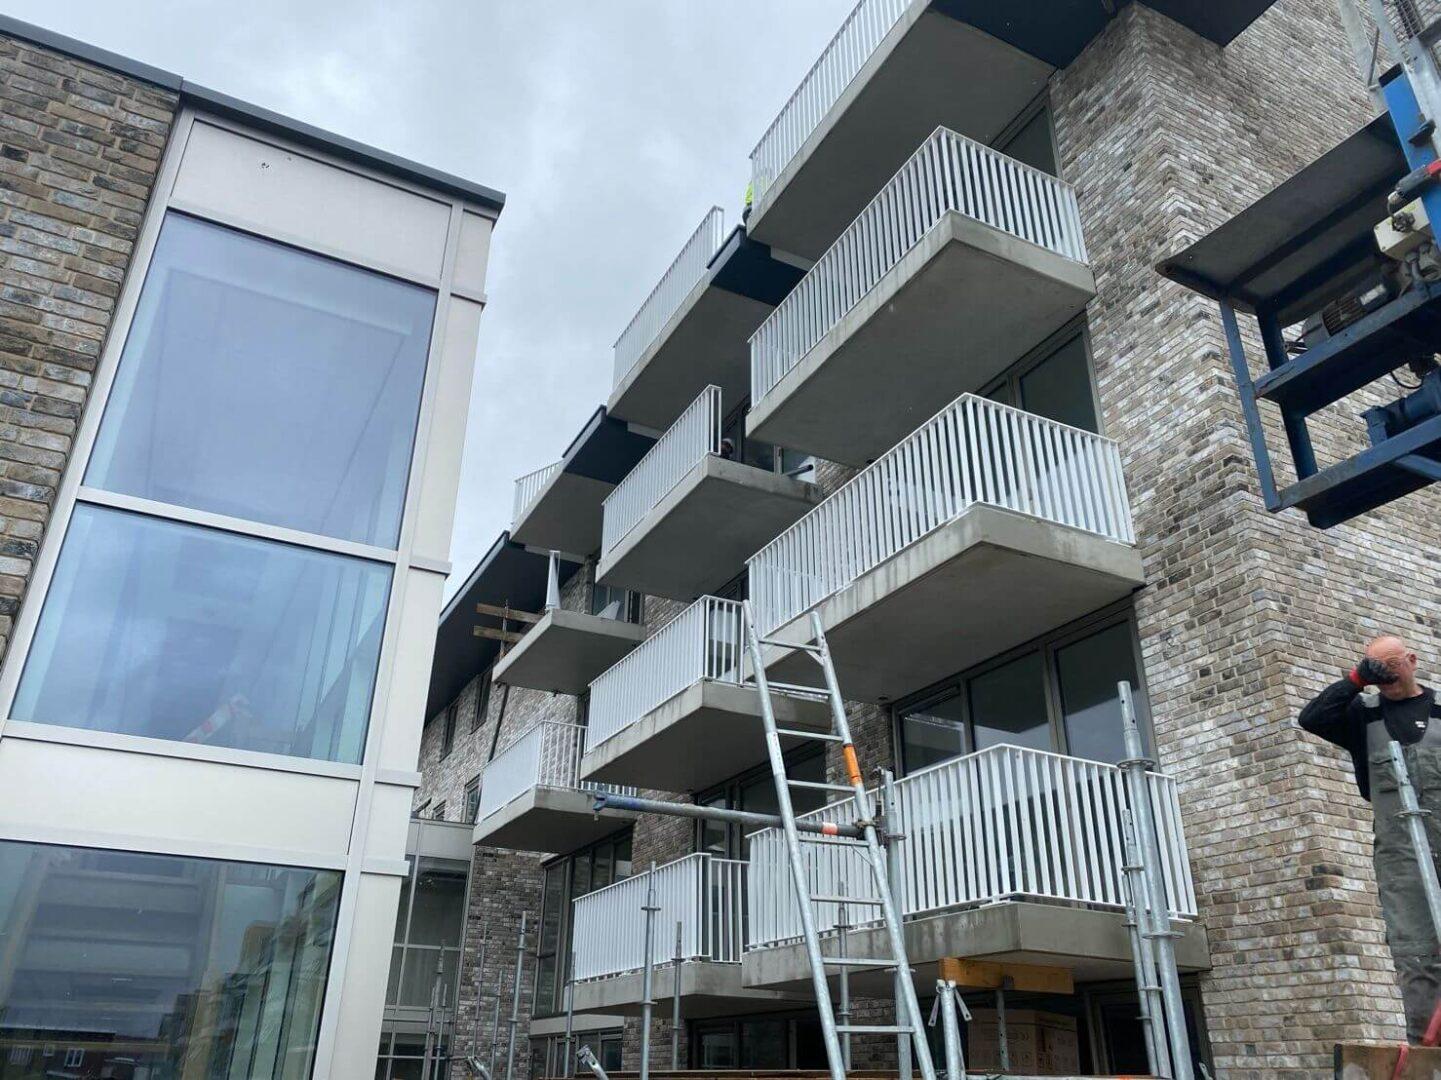 Graaf-van-Egmond-aan-Zee-Architect-Hotel-Architectenbureau-Noord-Holland-ZIjlstra-Schipper-architecten-wormer-in-aanbouw-balkons-02